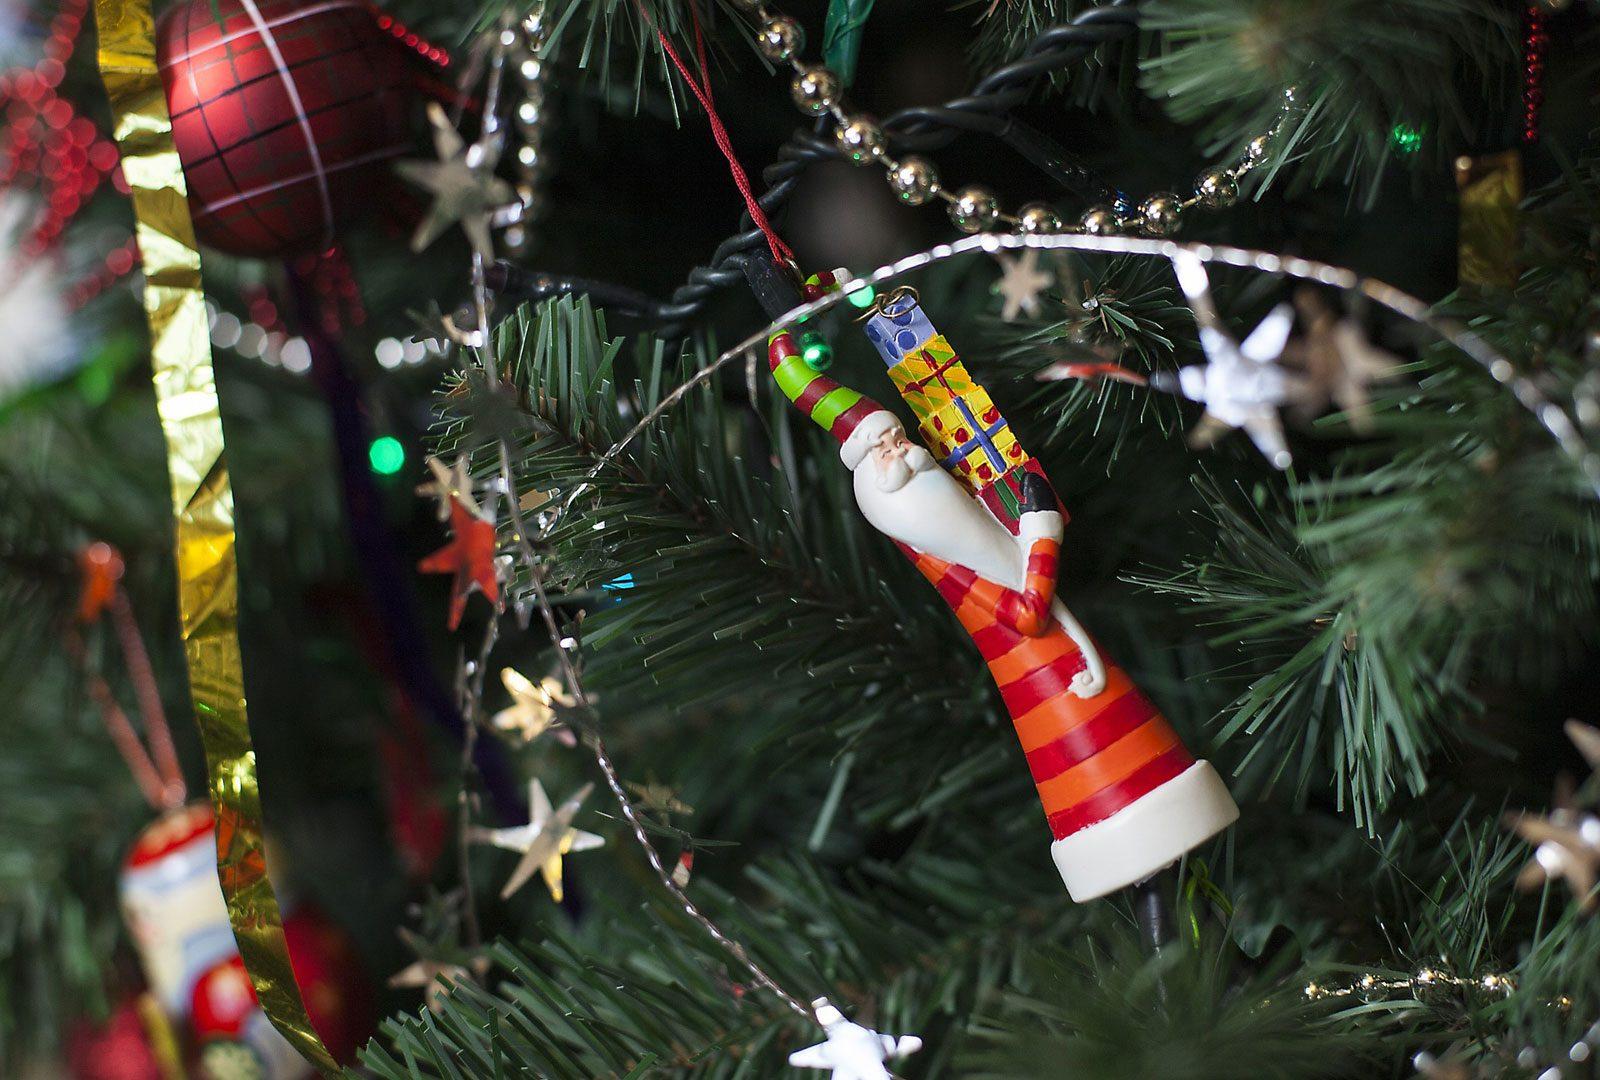 J-3 avant les vacances de Noël